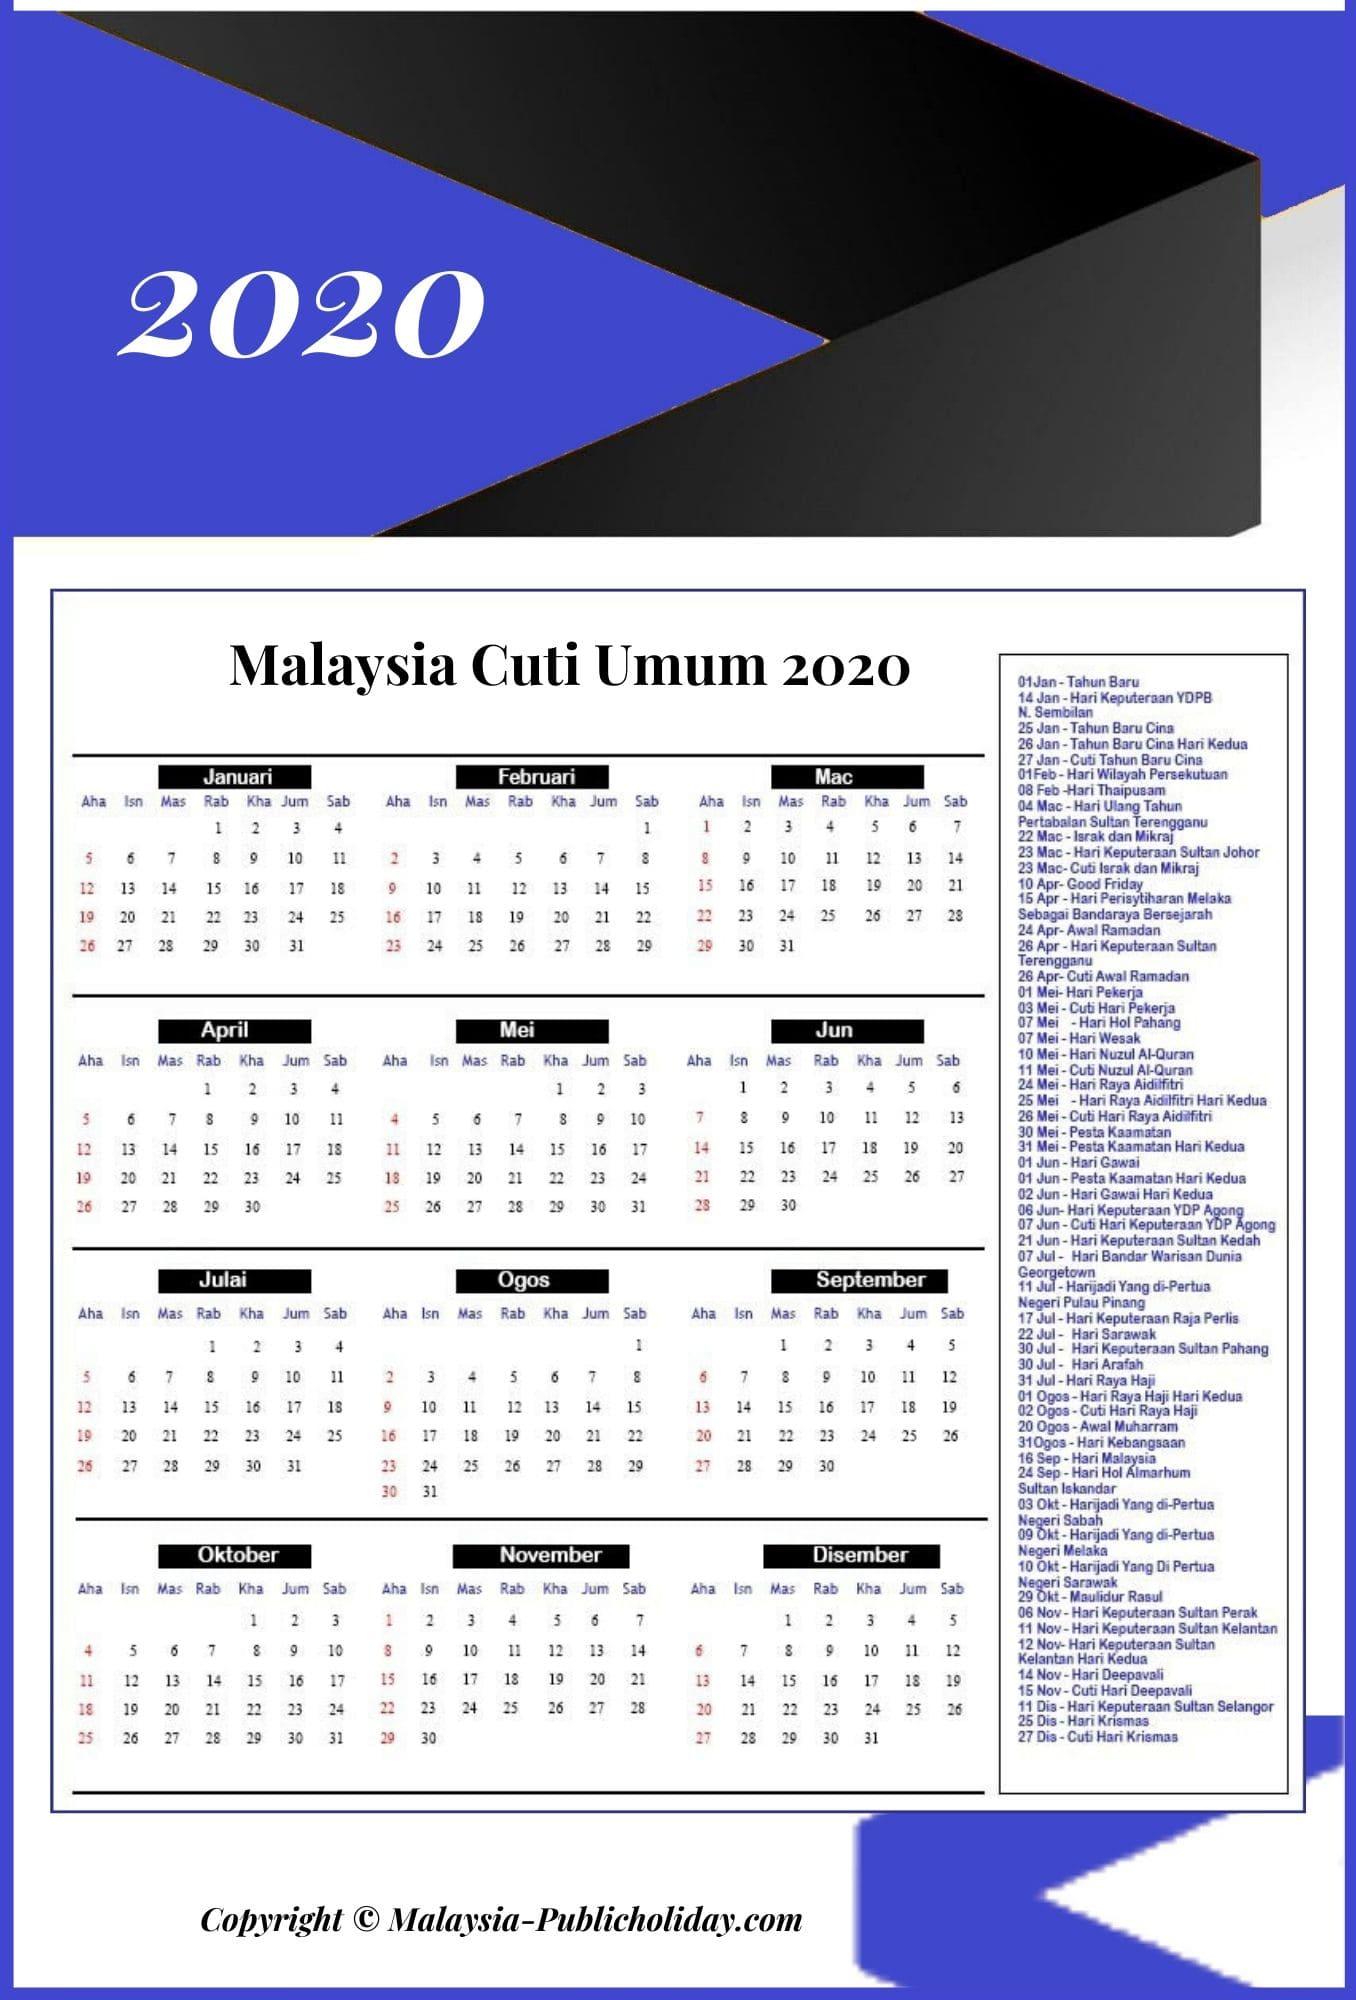 Kalendar Malaysia Cuti Umum 2020